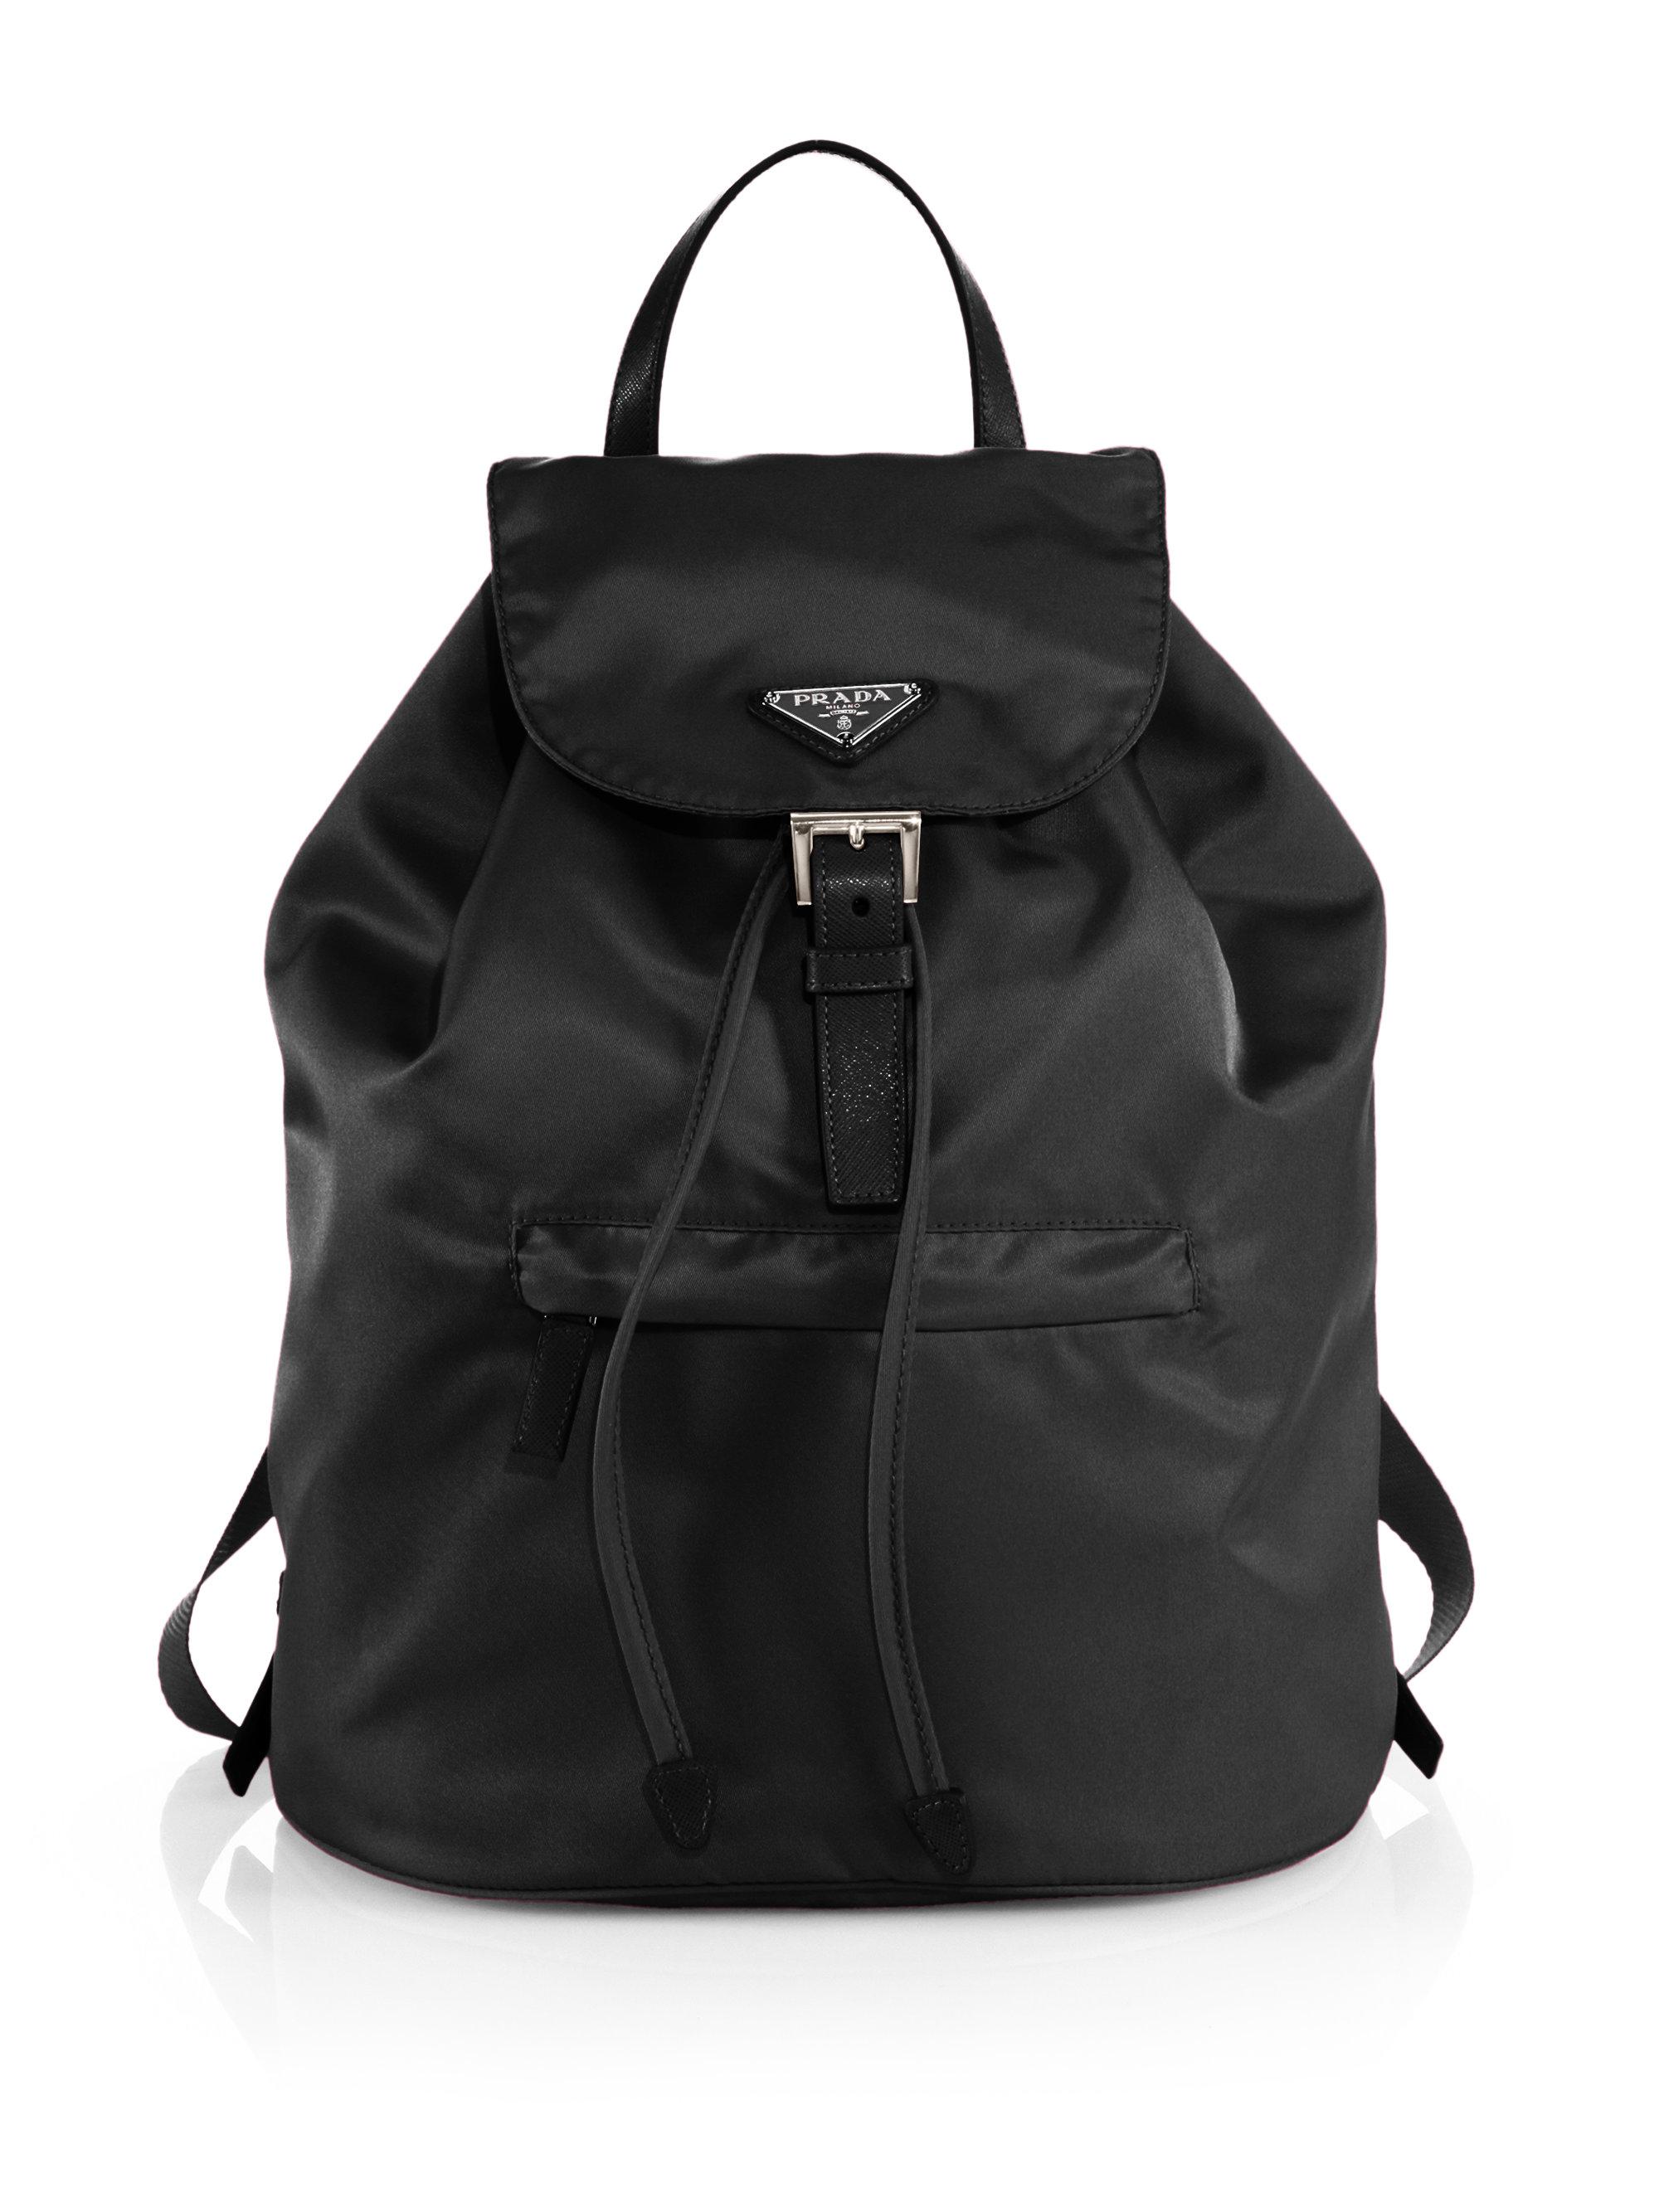 prada backpack chalk white